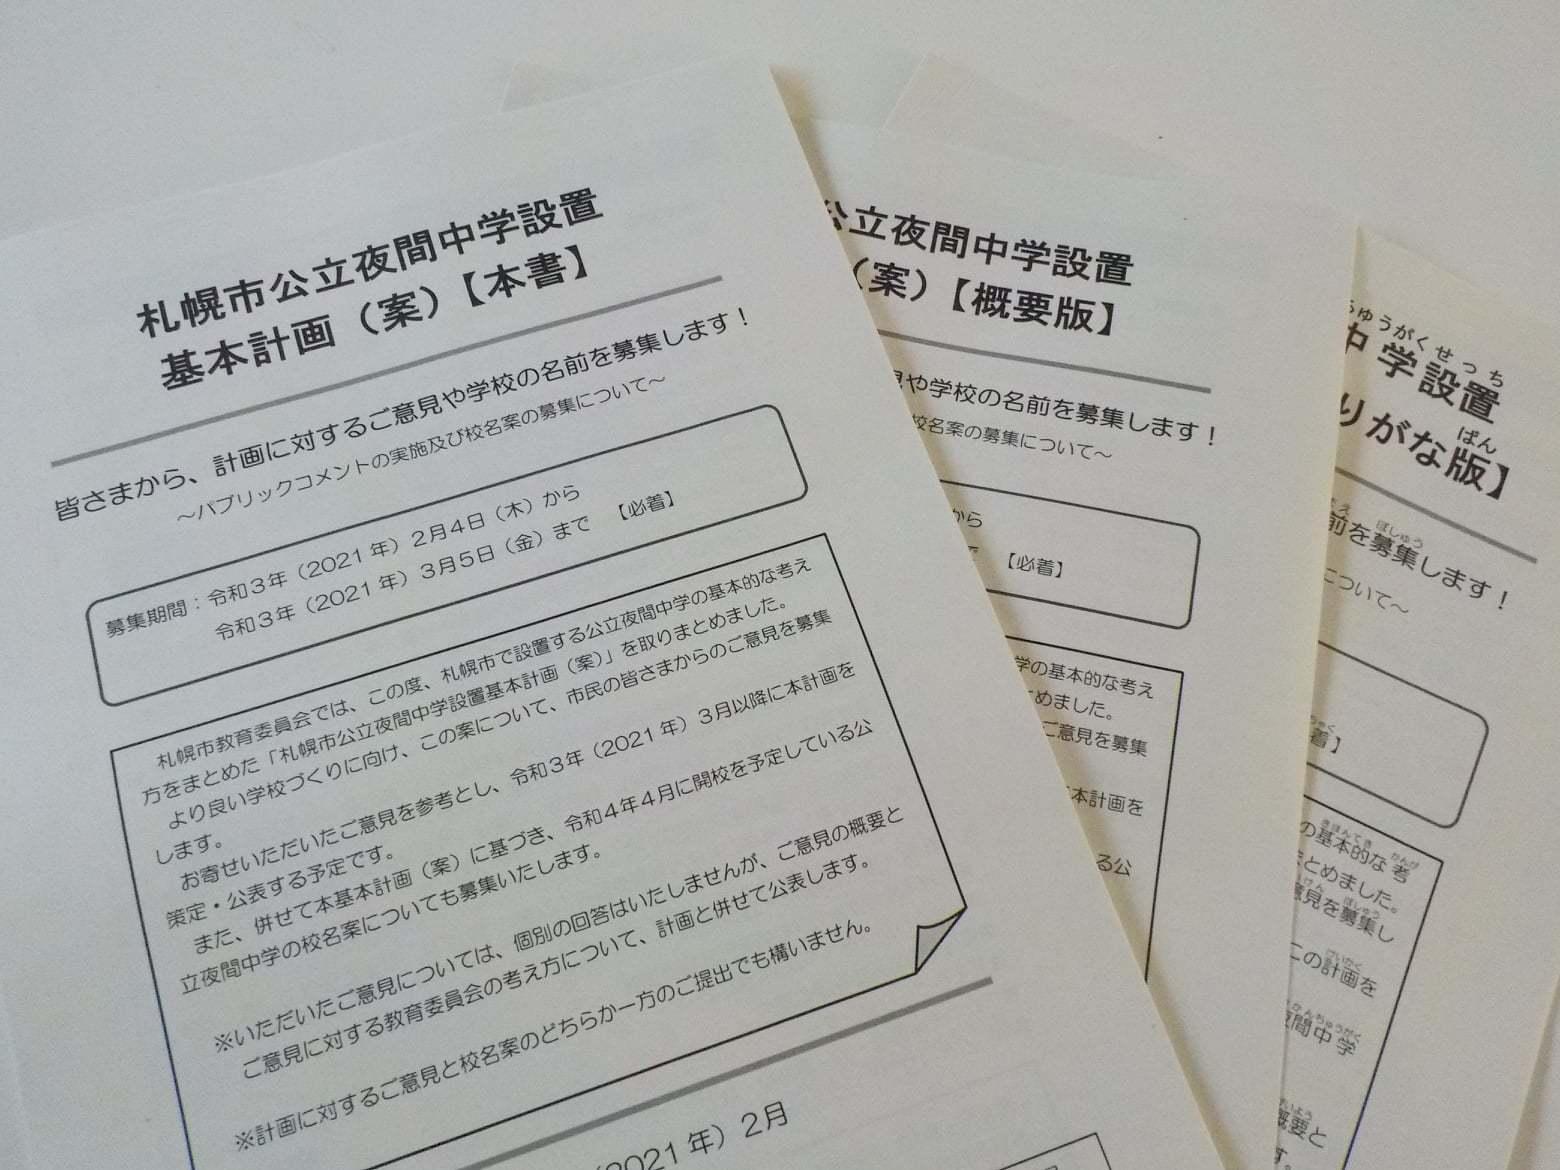 札幌遠友塾様からいただきました_f0202120_10124345.jpg